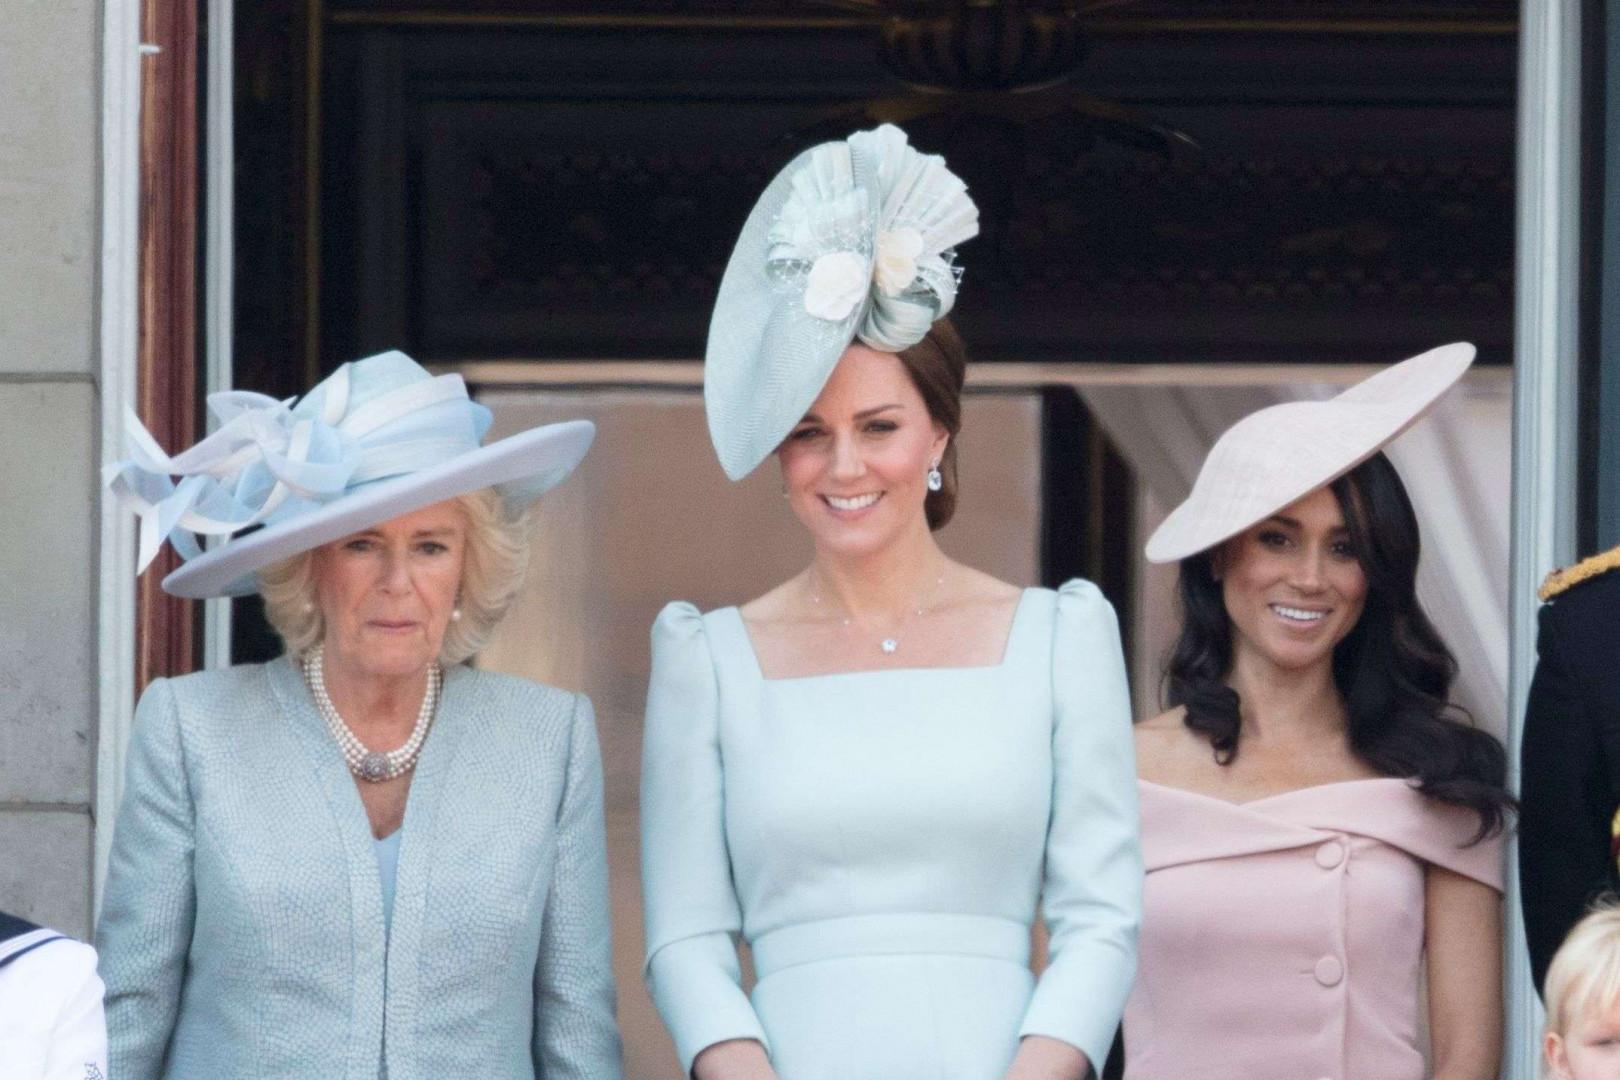 Camilla la duchesse de Cornouailles, Kate la duchesse de Cambridge et Meghan la duchesse de Sussex au balcon du palais de Buckingham, le 9 juin 2018